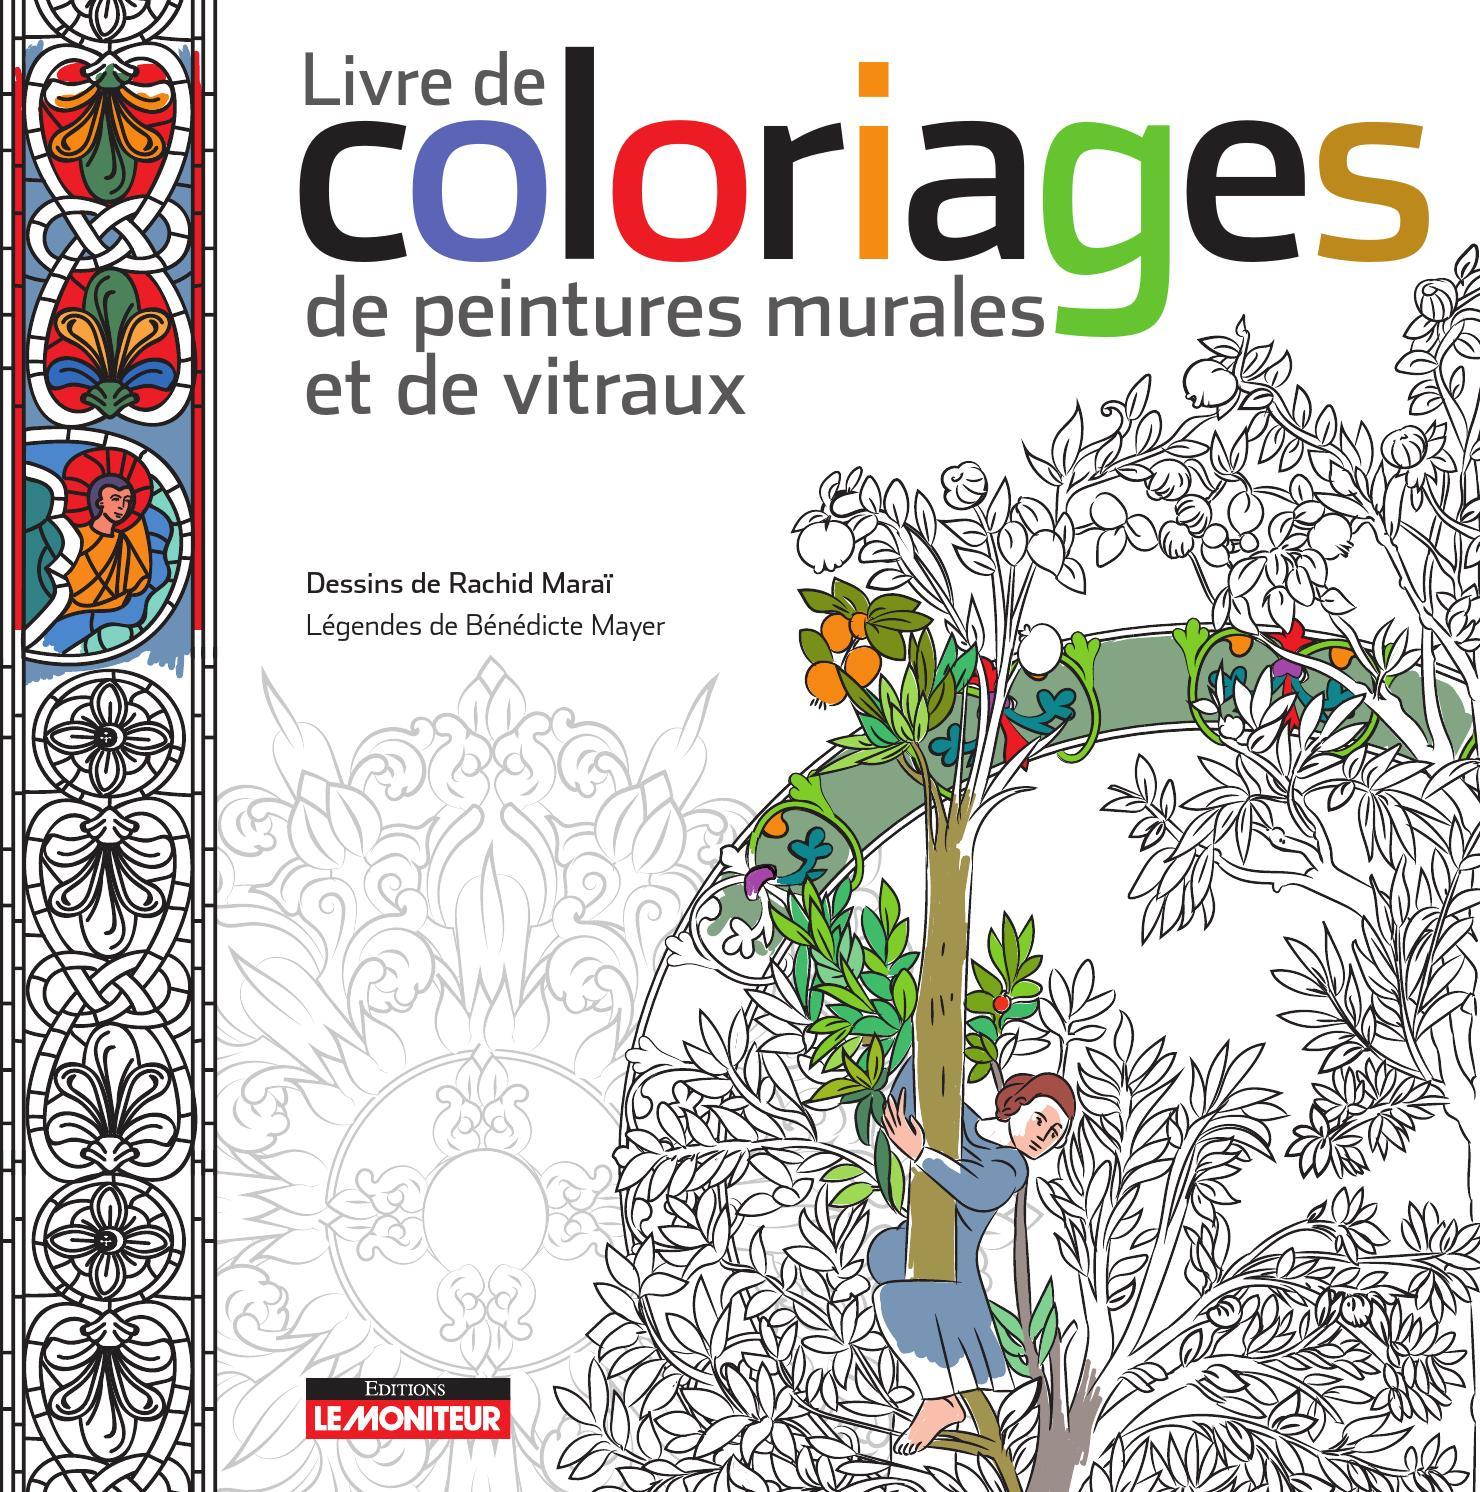 Livre De Coloriages De Peintures Murales Et De Vitraux By intérieur Des Coloriage